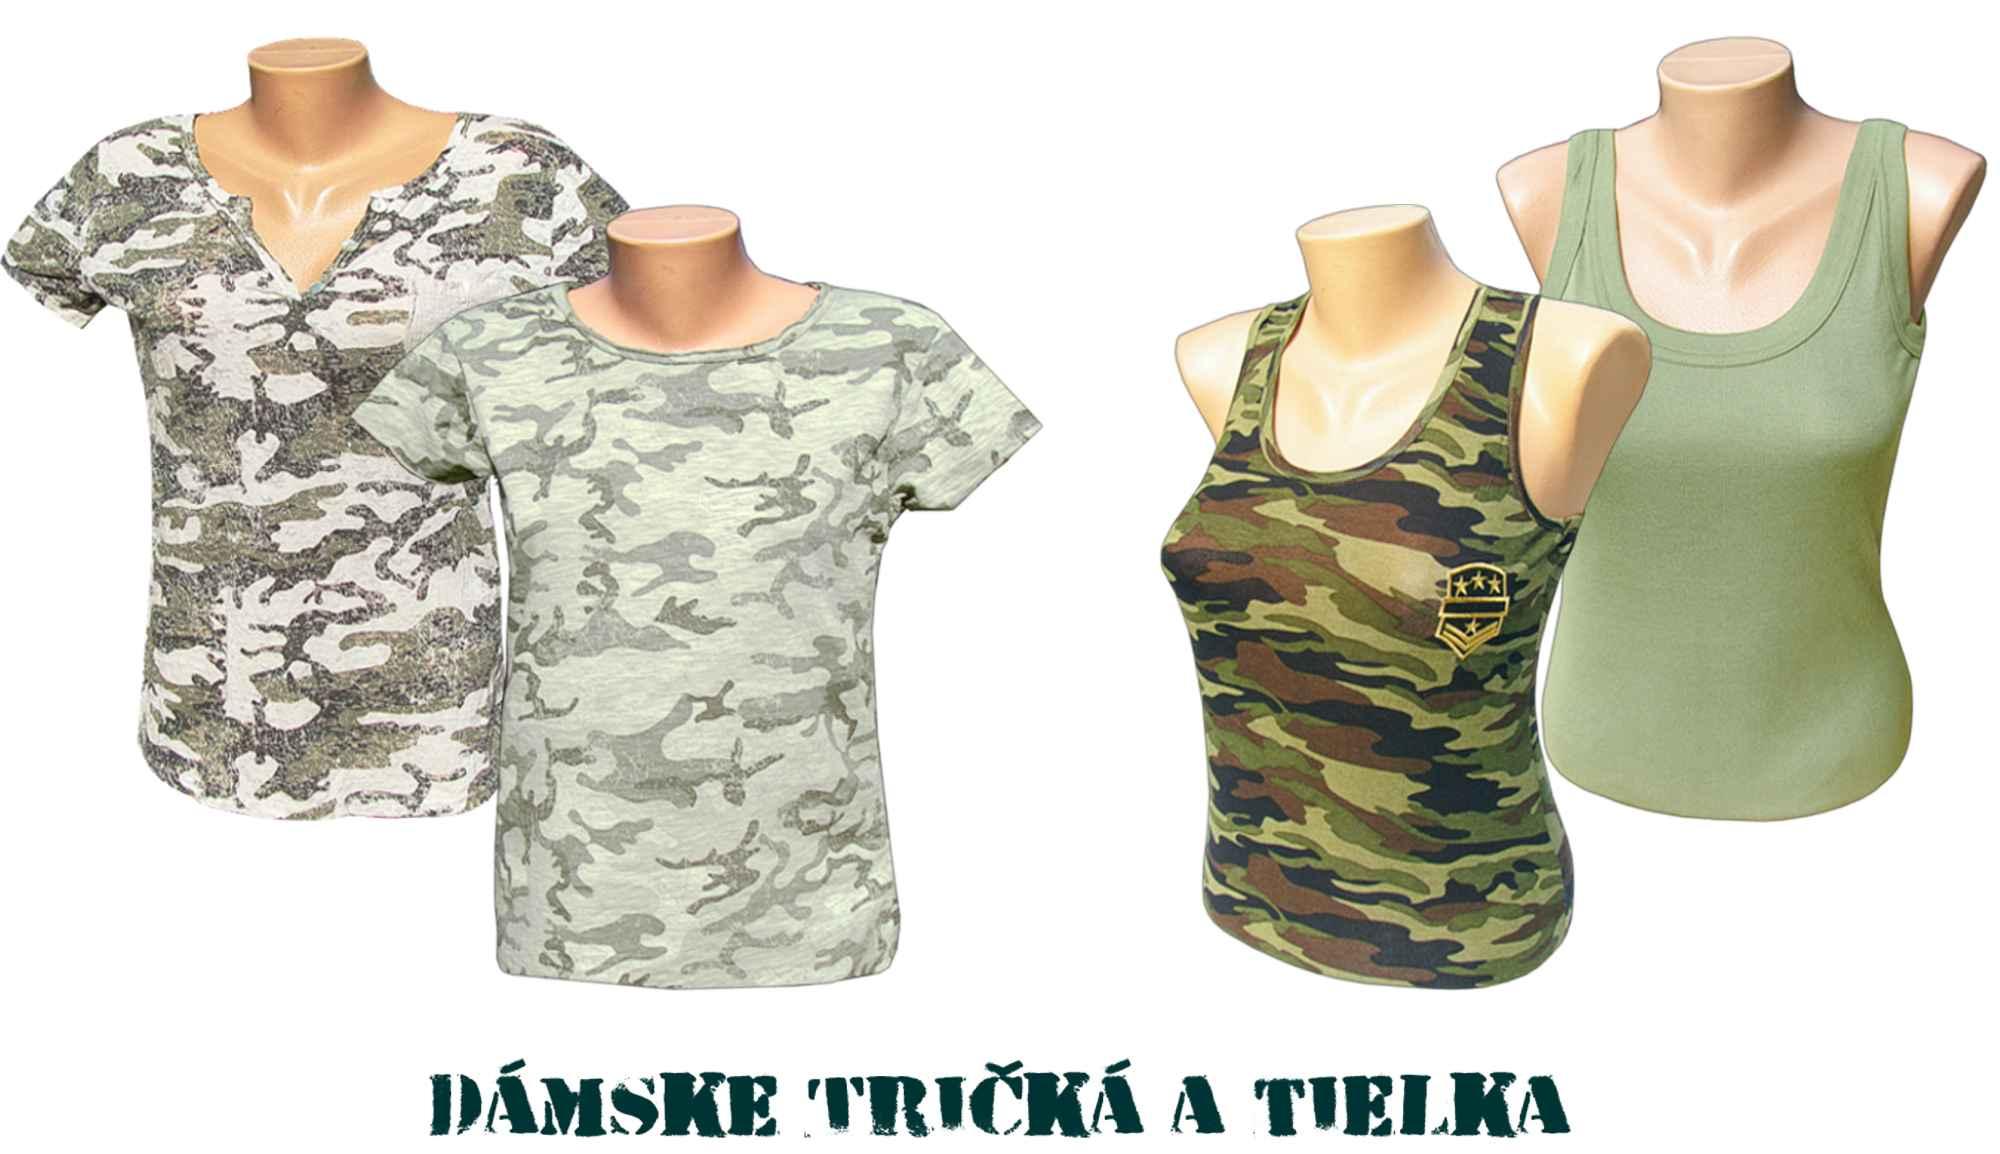 4a08e399bfa1 Dámske tričká a tielka veľkosklad Tifantex oblečenie